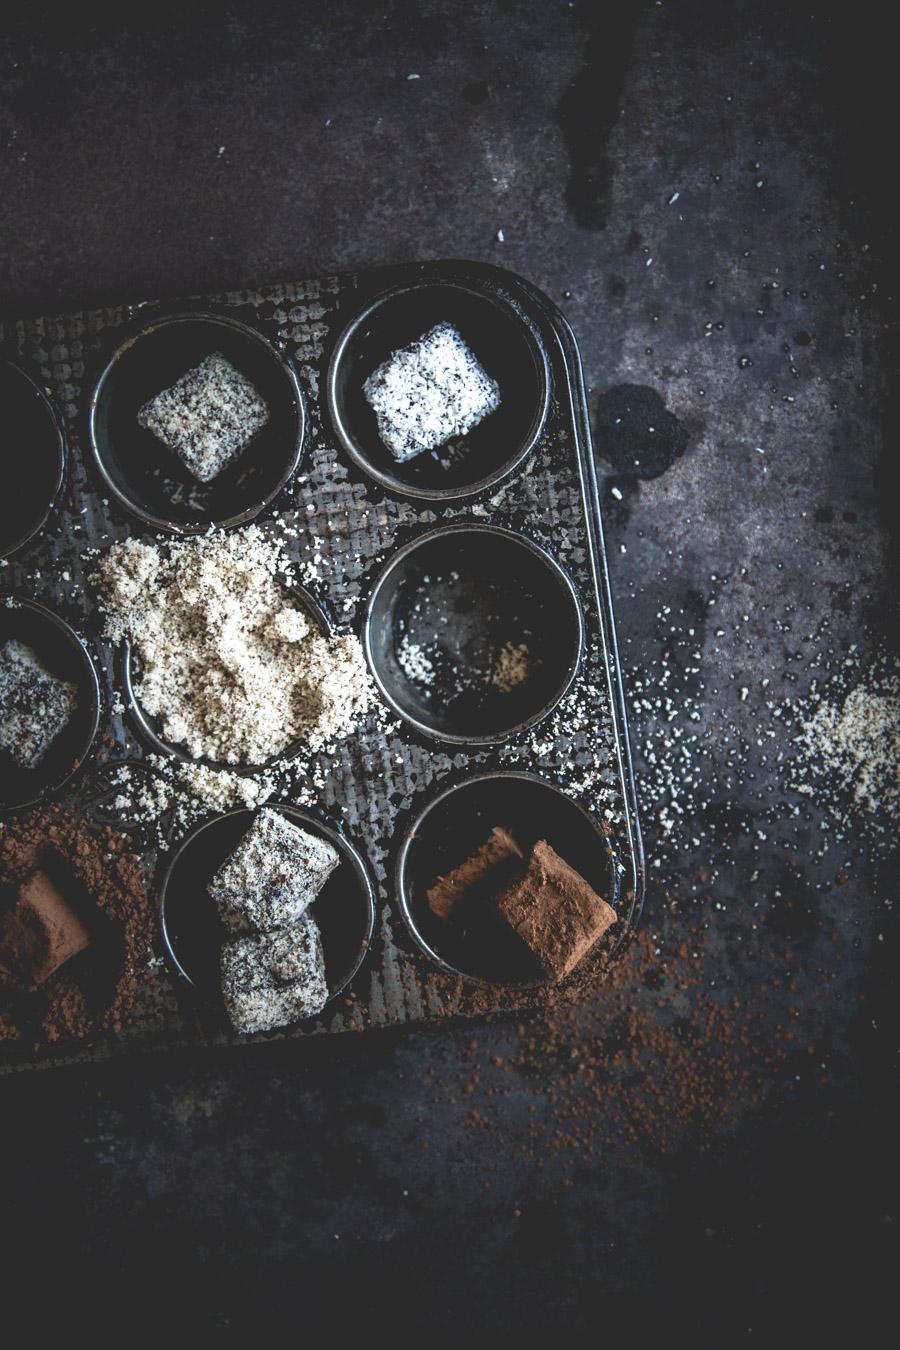 recette-classique-truffes-au-chocolat-noisettes-noix-de-coco-ophelie-lauret-ophelies-kitchen-book-7